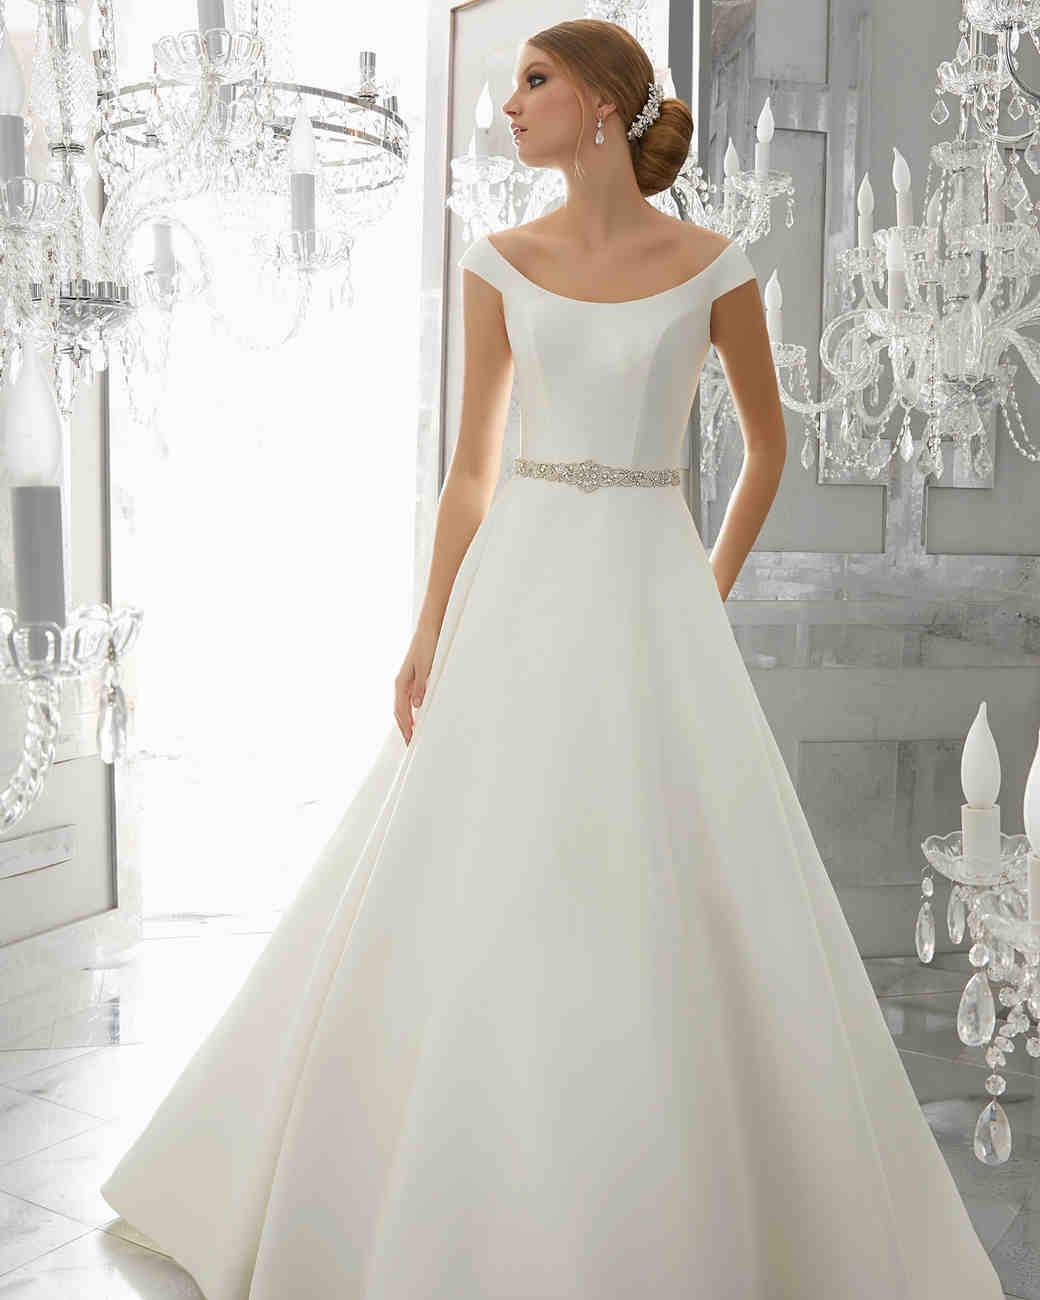 morilee wedding dress spring 2018 belted scoop-neck a-line